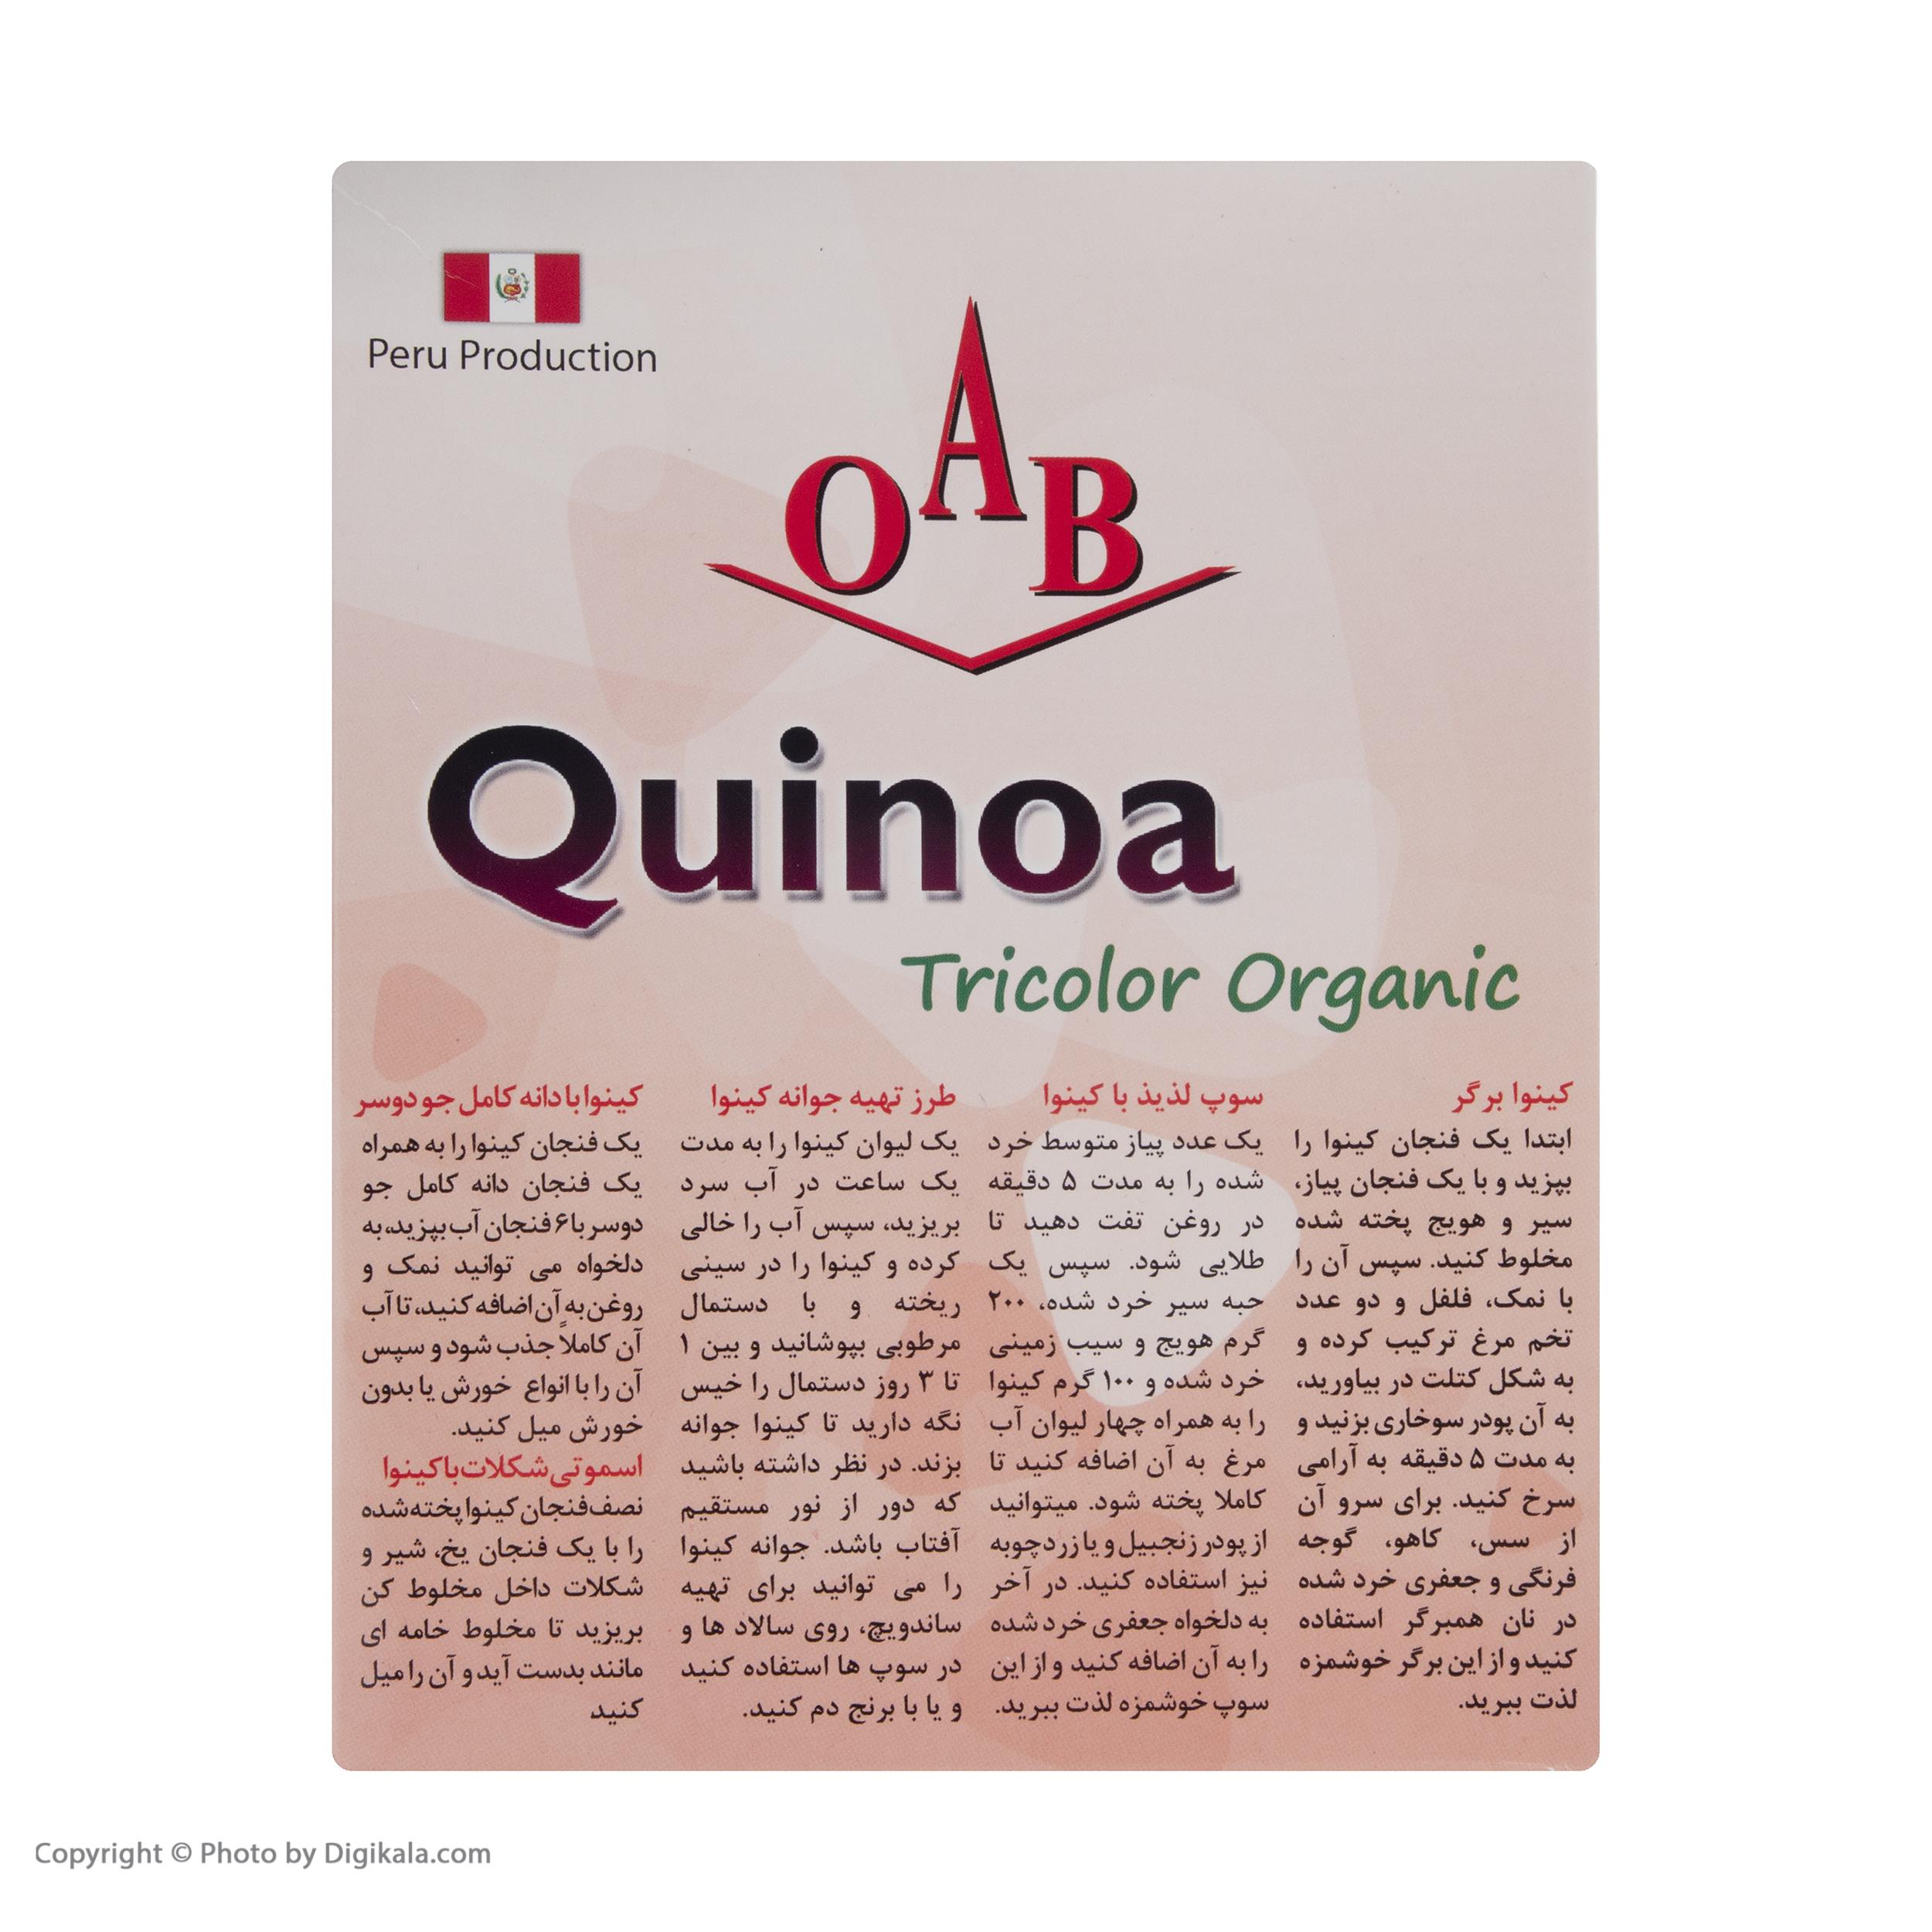 کینوا سه رنگ ارگانیک اُ آ ب - 250 گرم  main 1 1